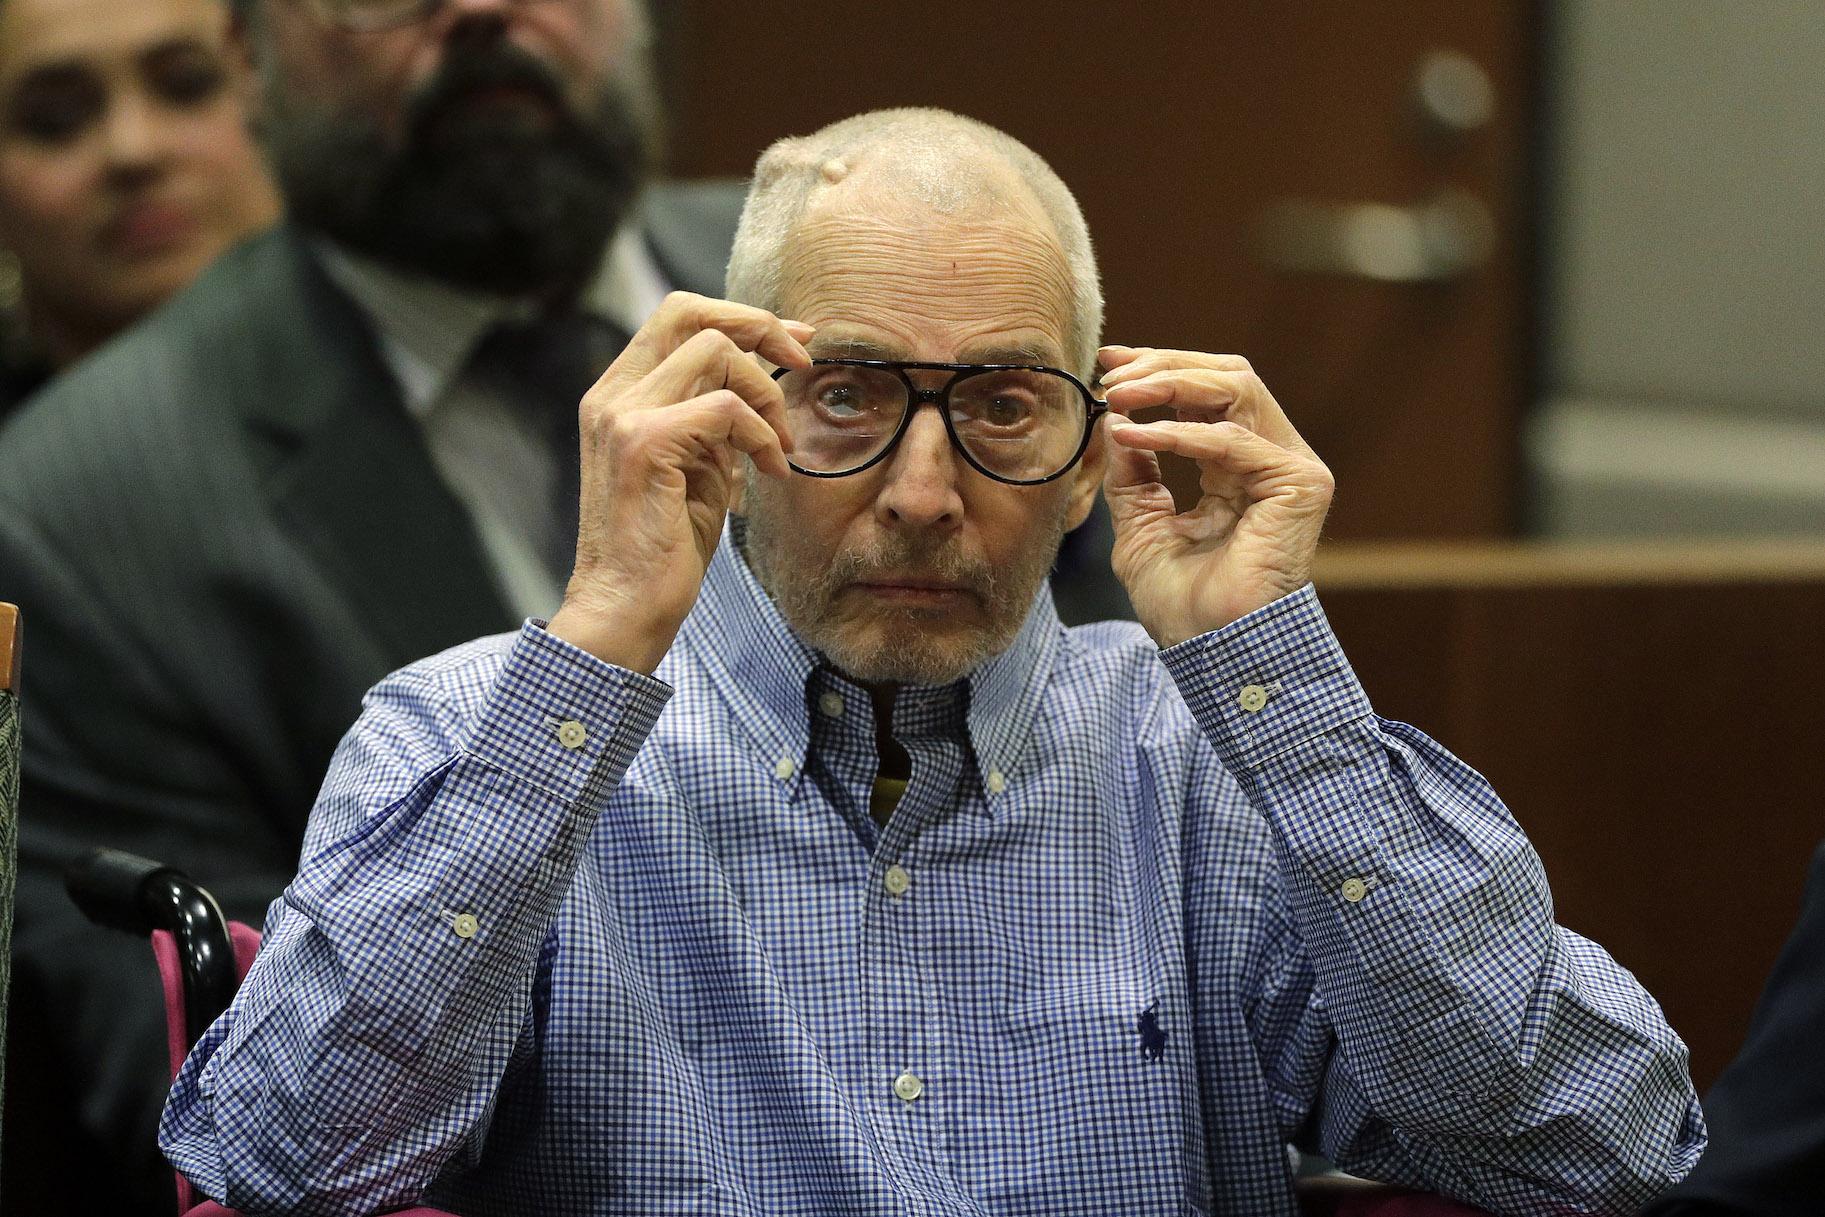 Robert Durst presentarà un judici per l'assassinat de l'amiga Susan Berman